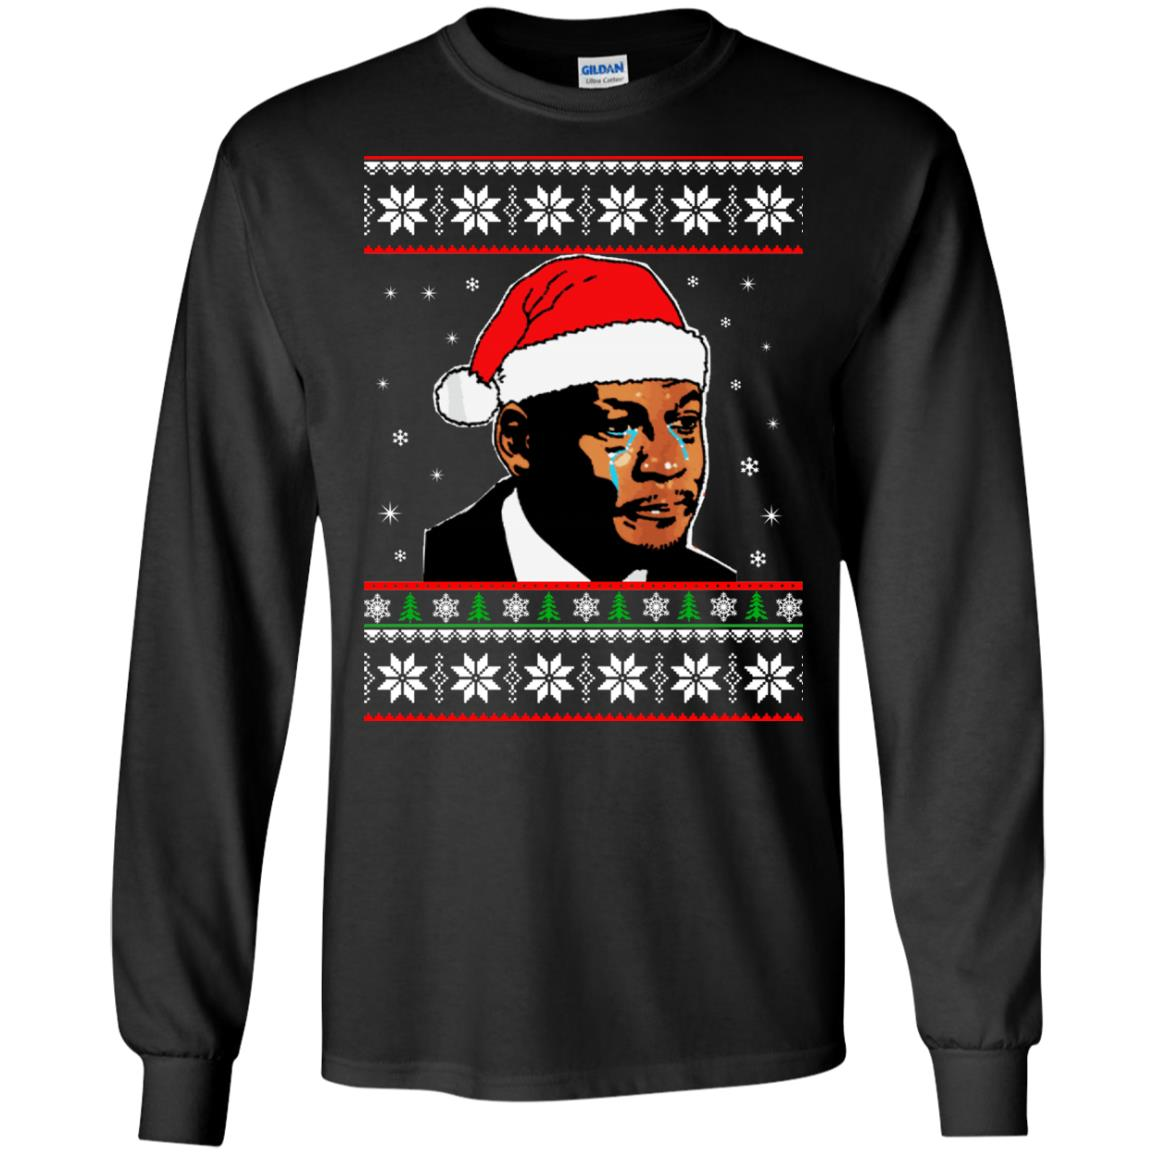 image 2662 - Crying Jordan Christmas Sweater, Christmas Jordan Ugly Sweatshirt